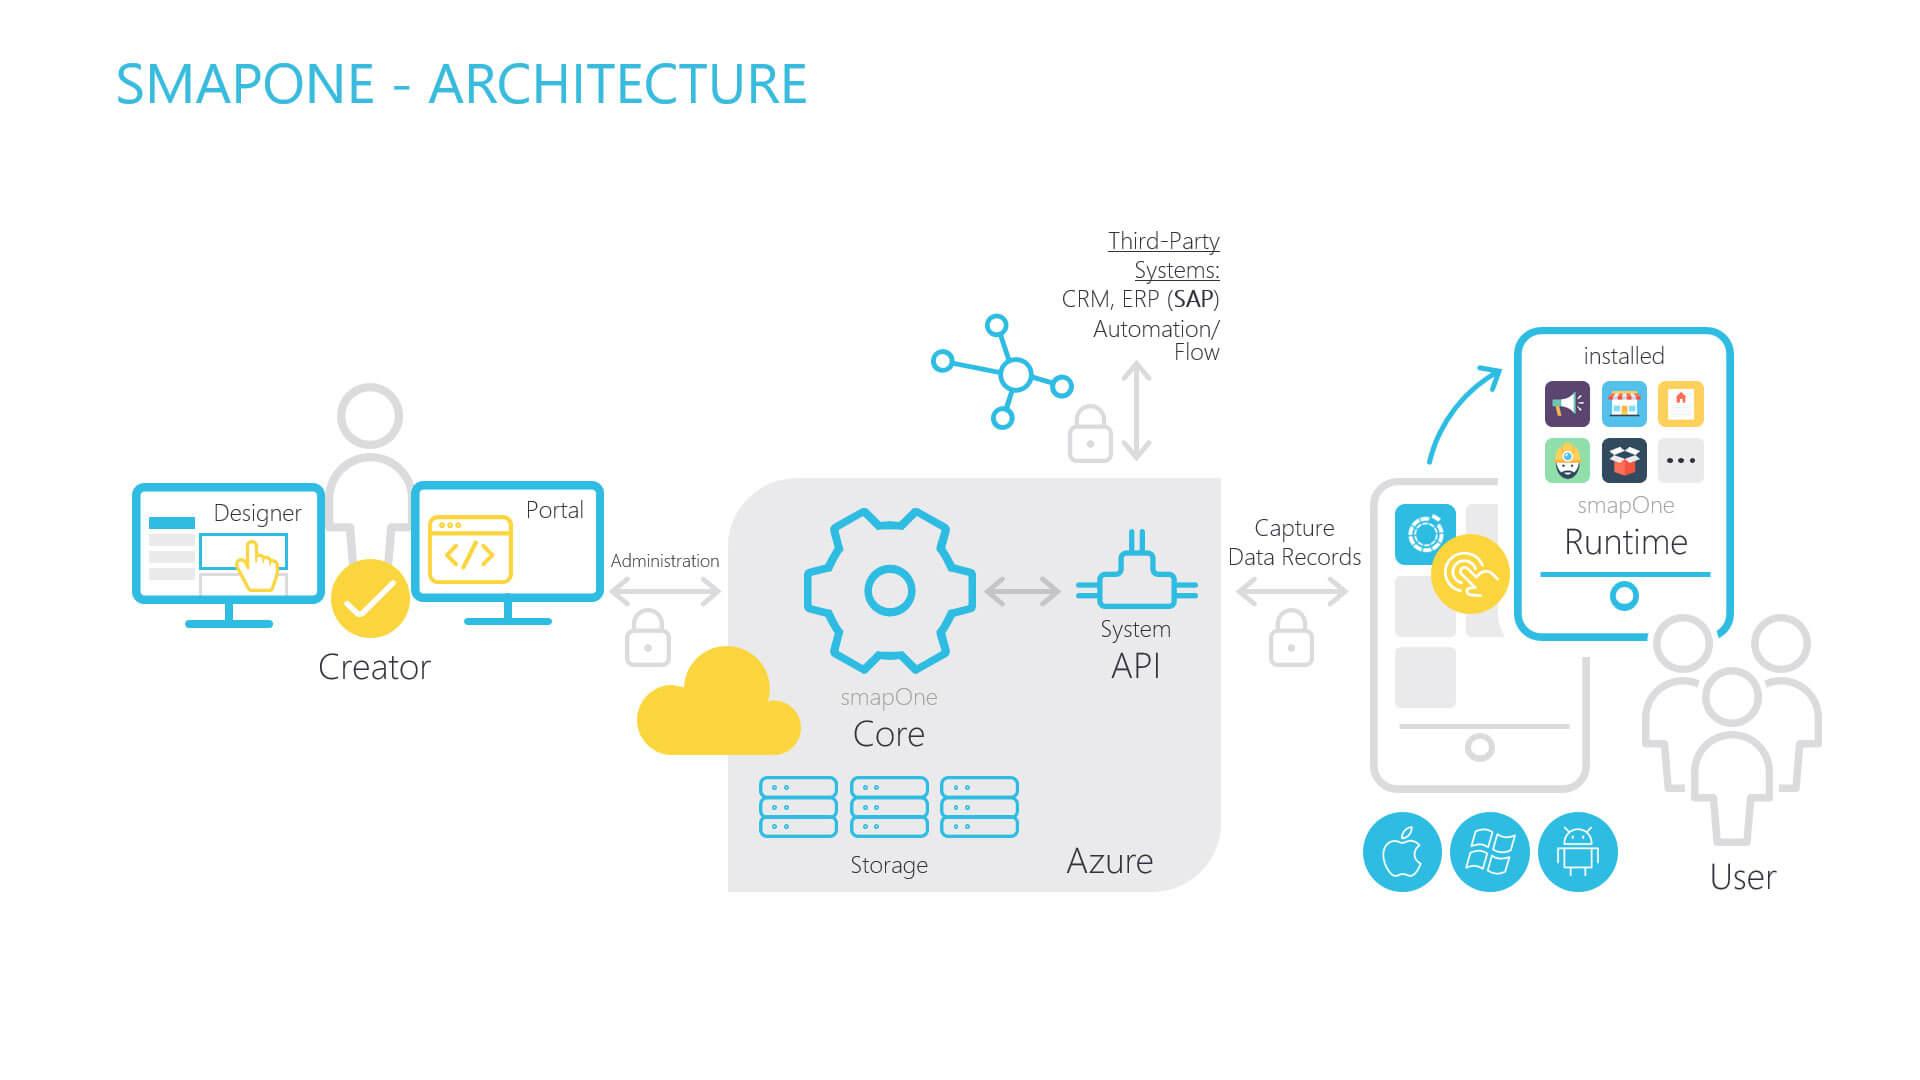 smapOne Architecture - Integration von Third Party und Flow